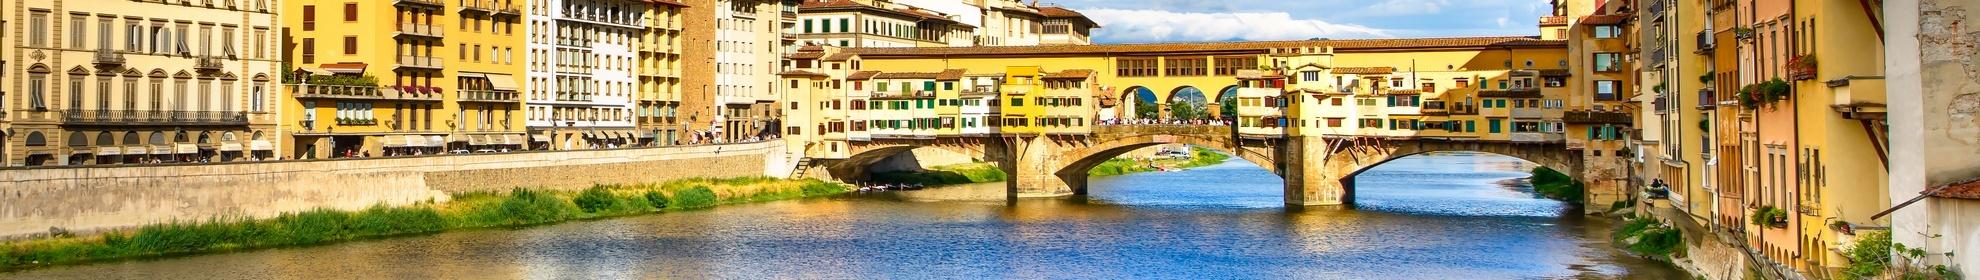 Soggiorno Madrid Firenze nel cuore di Centro storico di ...